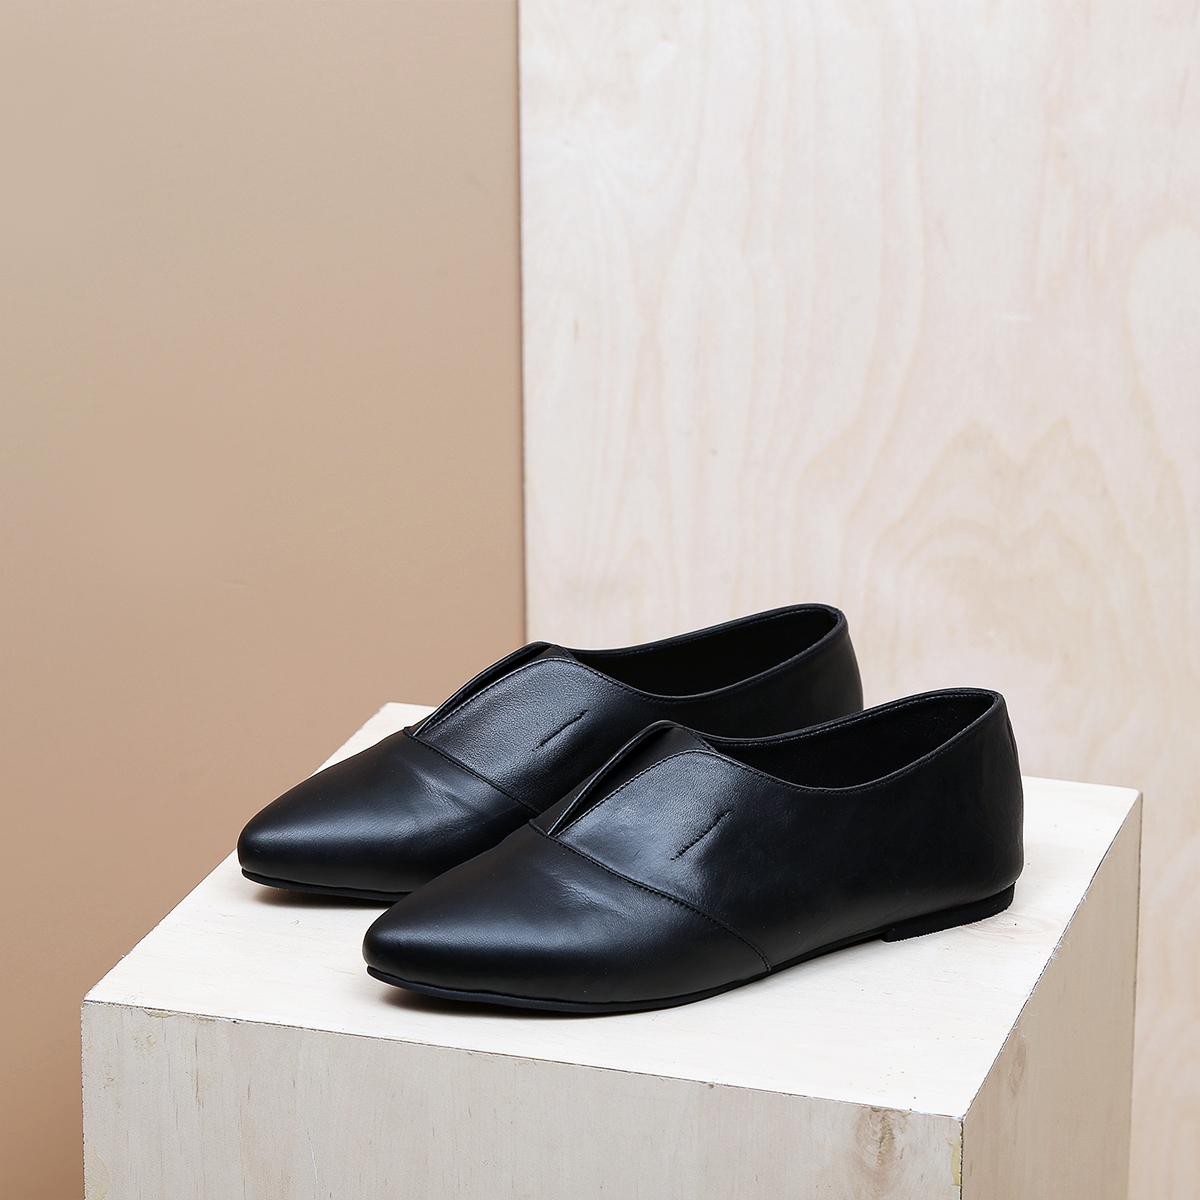 דגם דבלין: נעלי נשים בצבע שחור